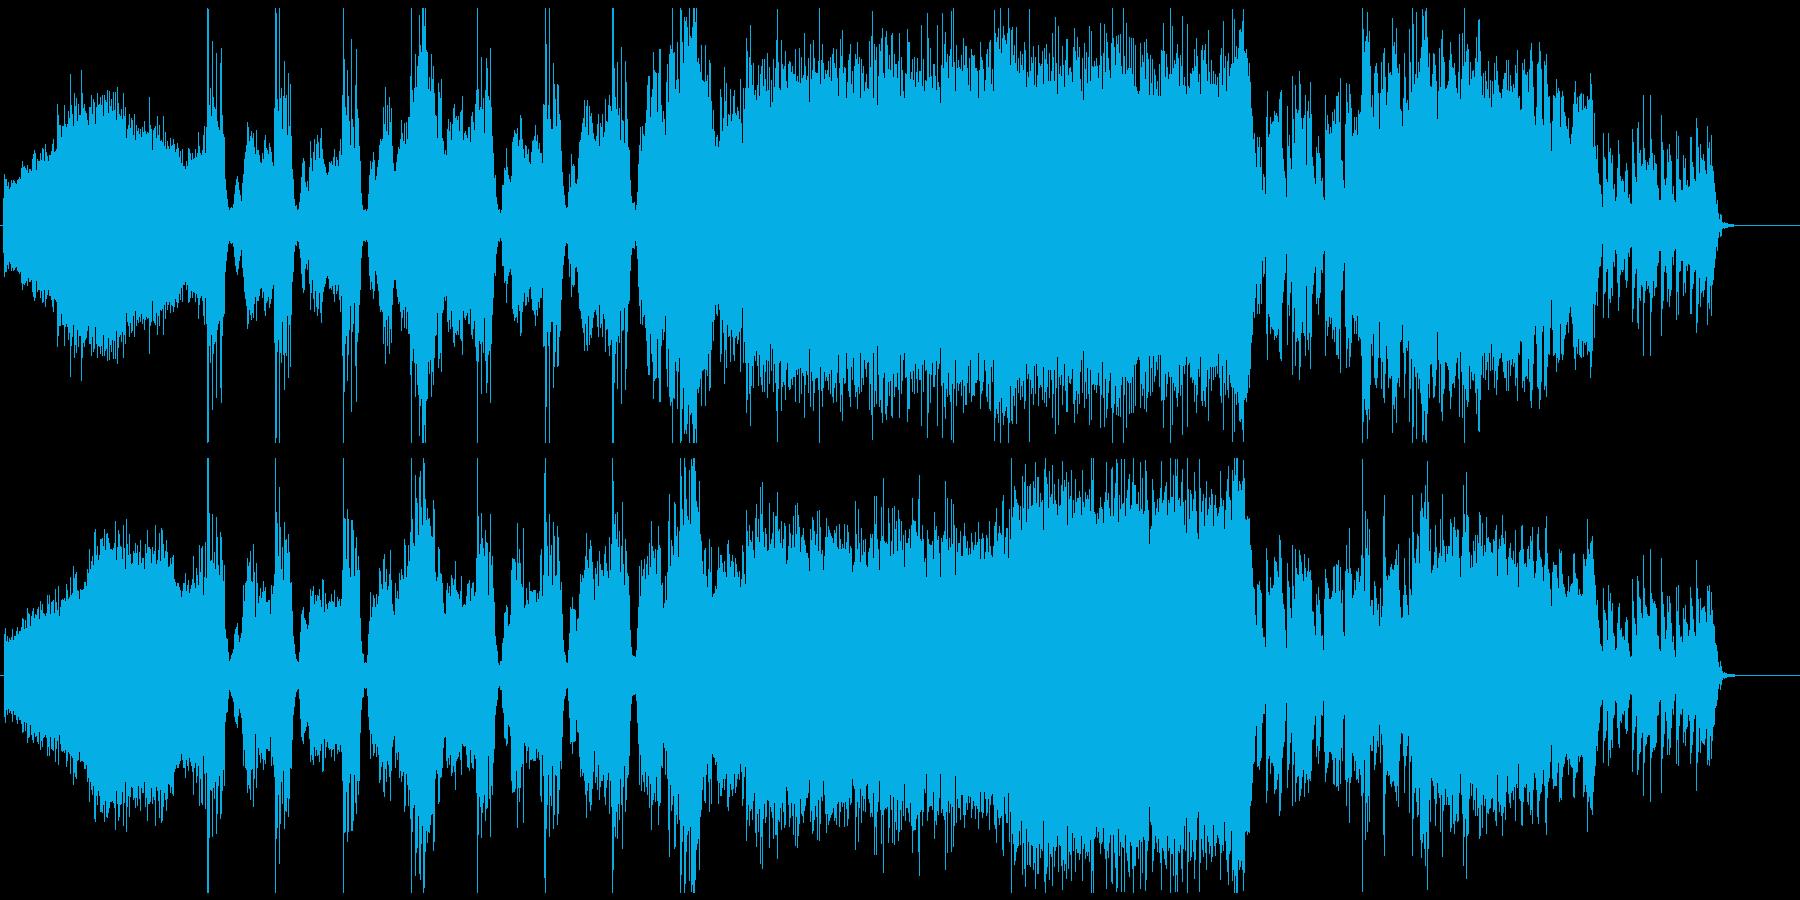 ヘビィなギターとドラム、進撃の大合唱の再生済みの波形